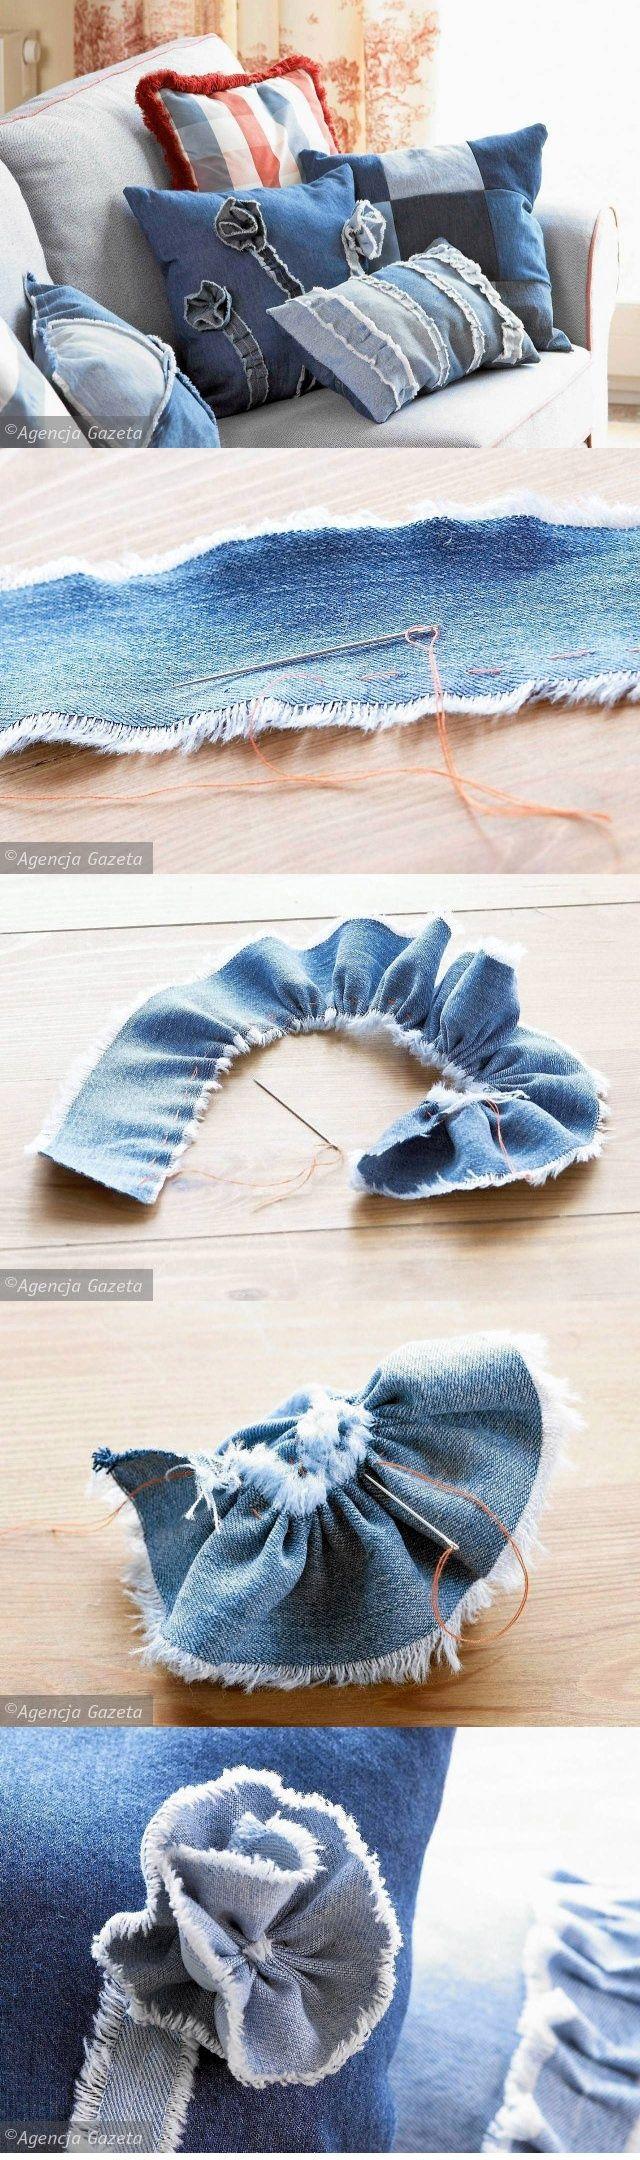 Las almohadillas son una forma barata y diferente para decorar tu casa, añaden color y elegancia a cualquier espacio. Cuando usted se siente como cambiar u